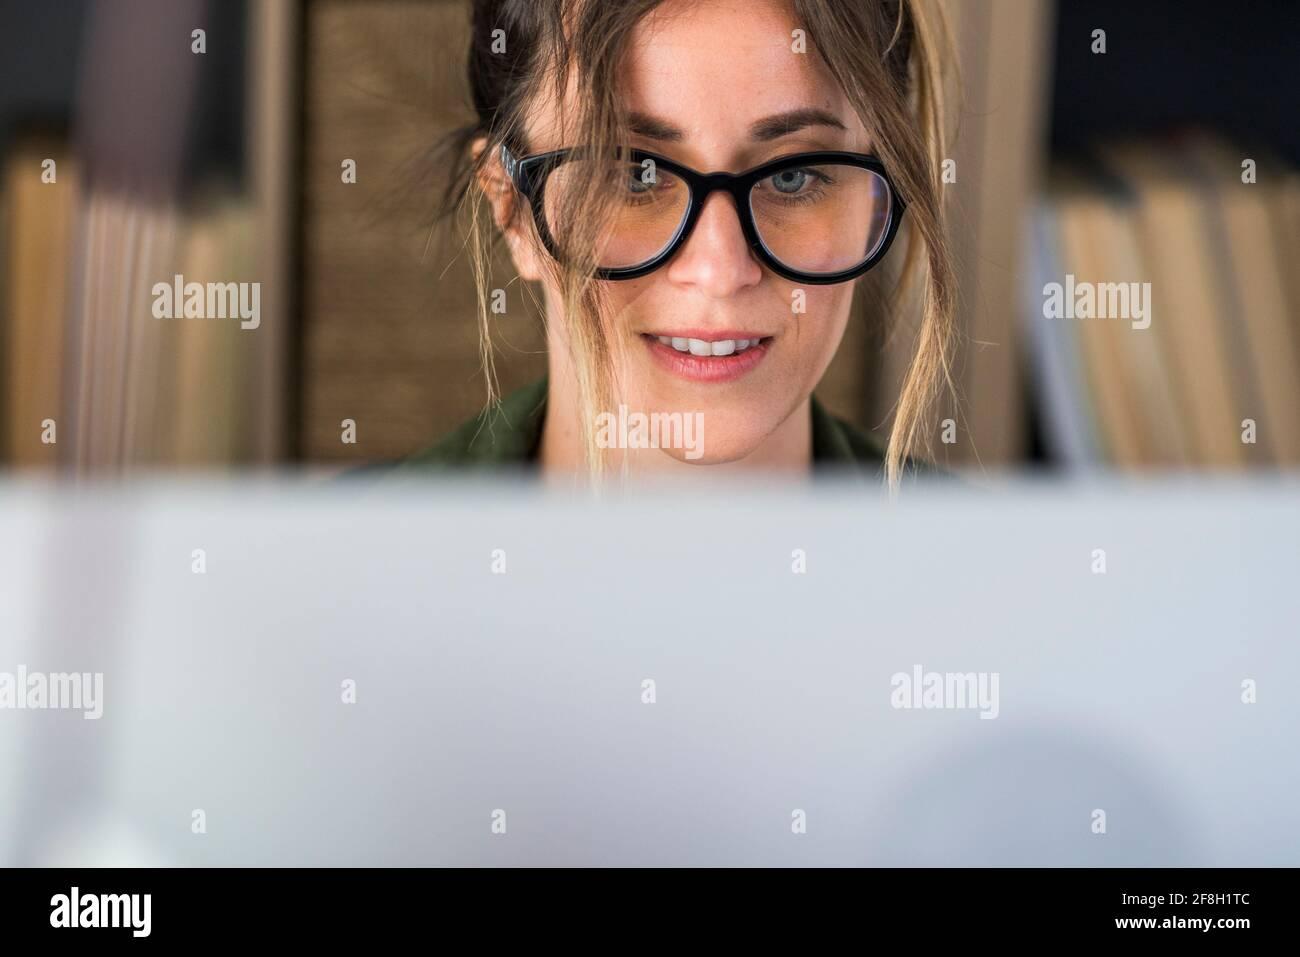 Tête de tir agréable bonne jeune femme freelance travaillant sur ordinateur à la maison. Femme d'affaires attrayante étudiant en ligne, en utilisant un logiciel d'ordinateur portable, Web surf Banque D'Images